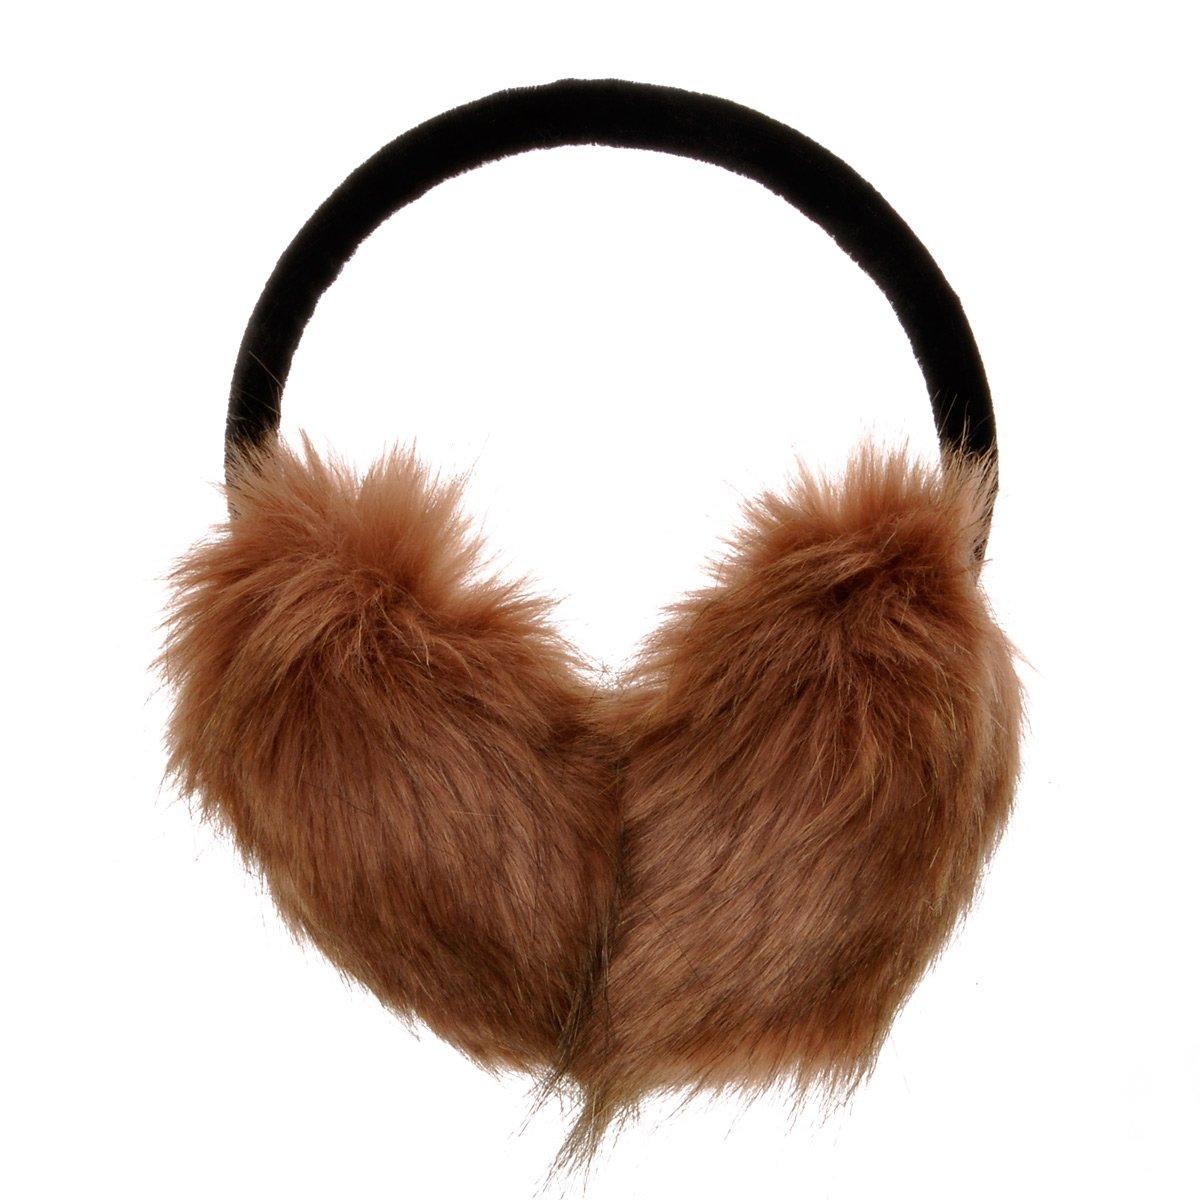 ZLYC Womens Girls Winter Fashion Adjustable Faux Fur EarMuffs Ear Warmers (Pink) ZYJ-ET-007-PK-1